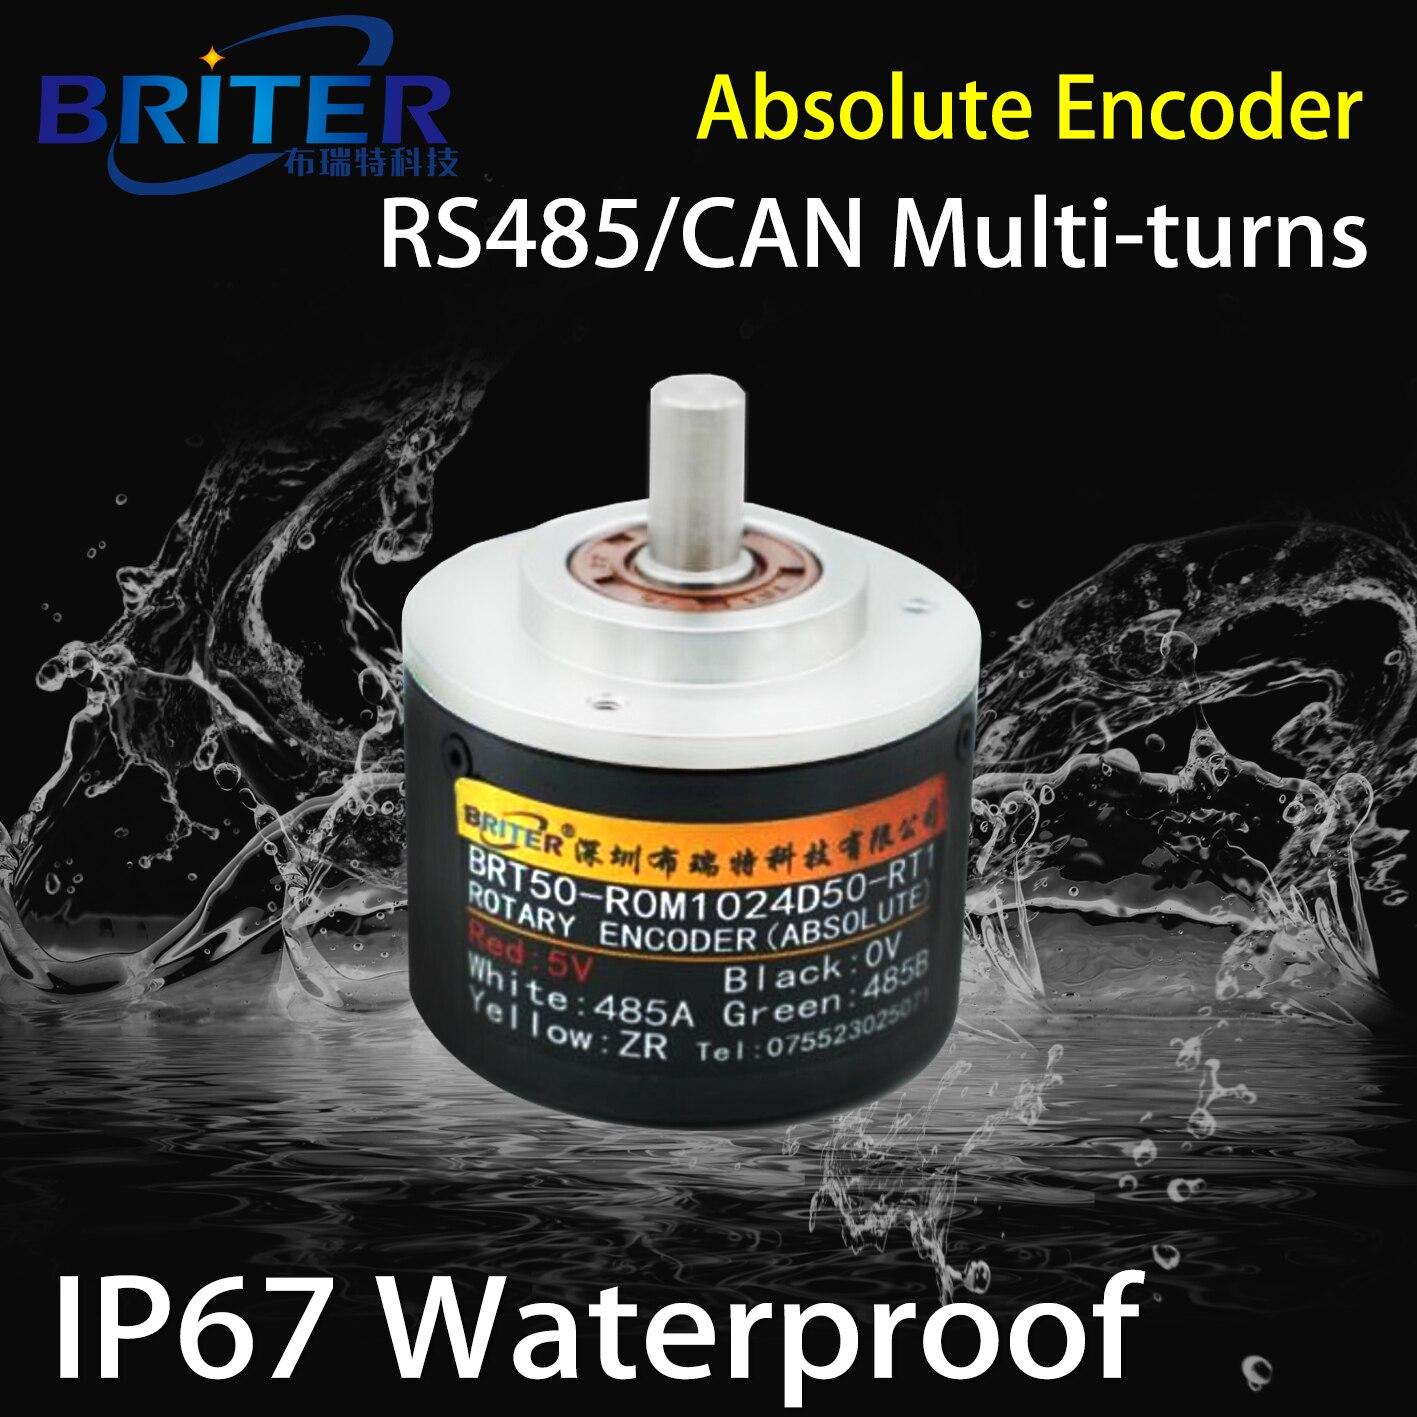 جهاز تشفير دوار مغناطيسي مقاوم للماء IP67 ، جهاز تشفير CANbus المطلق متعدد السرعات ، RS485 ModbusRTU ، قياس الزاوية ، إيقاف تشغيل الذاكرة